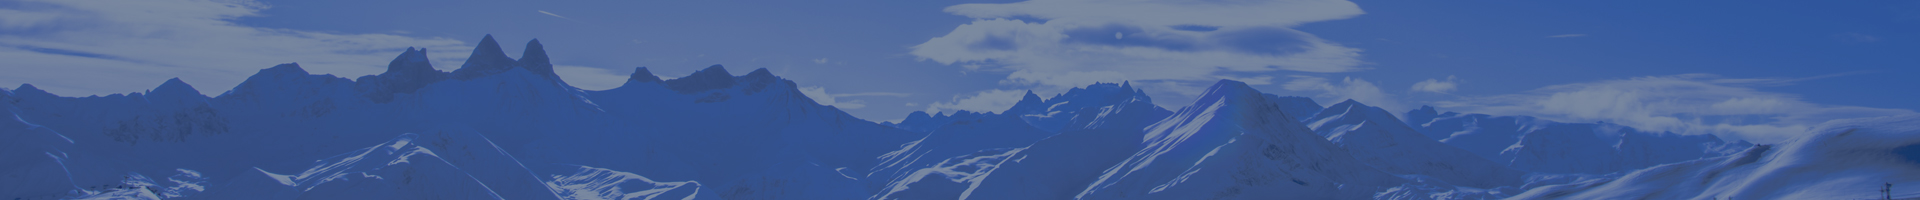 bandeau-newsletter-hiver-bleu-fonce-947